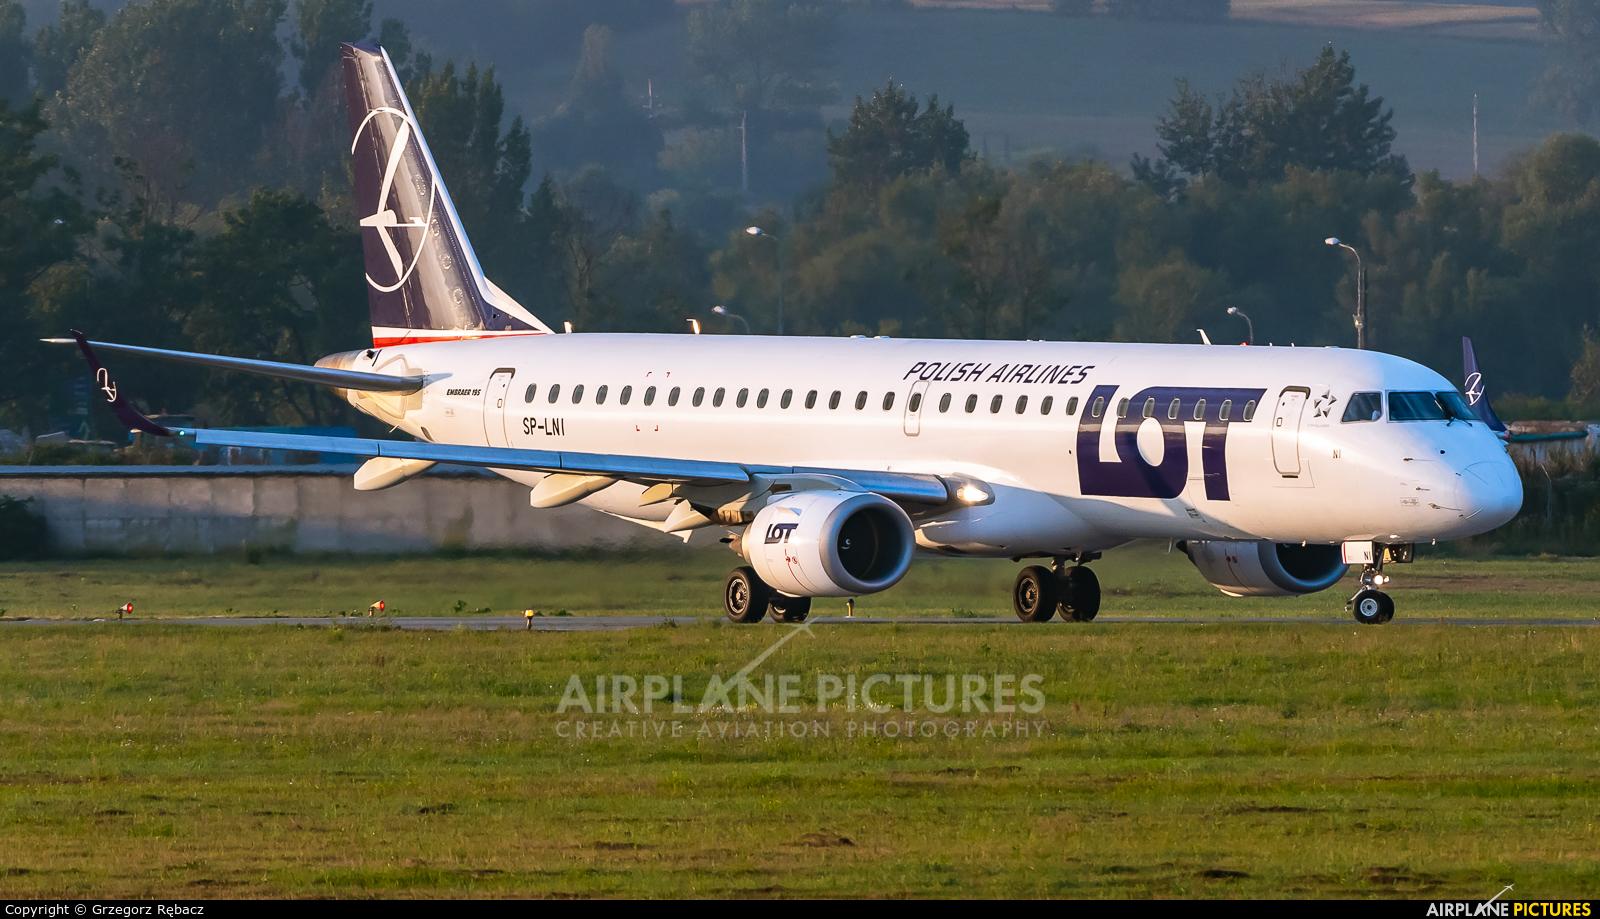 LOT - Polish Airlines SP-LNI aircraft at Kraków - John Paul II Intl